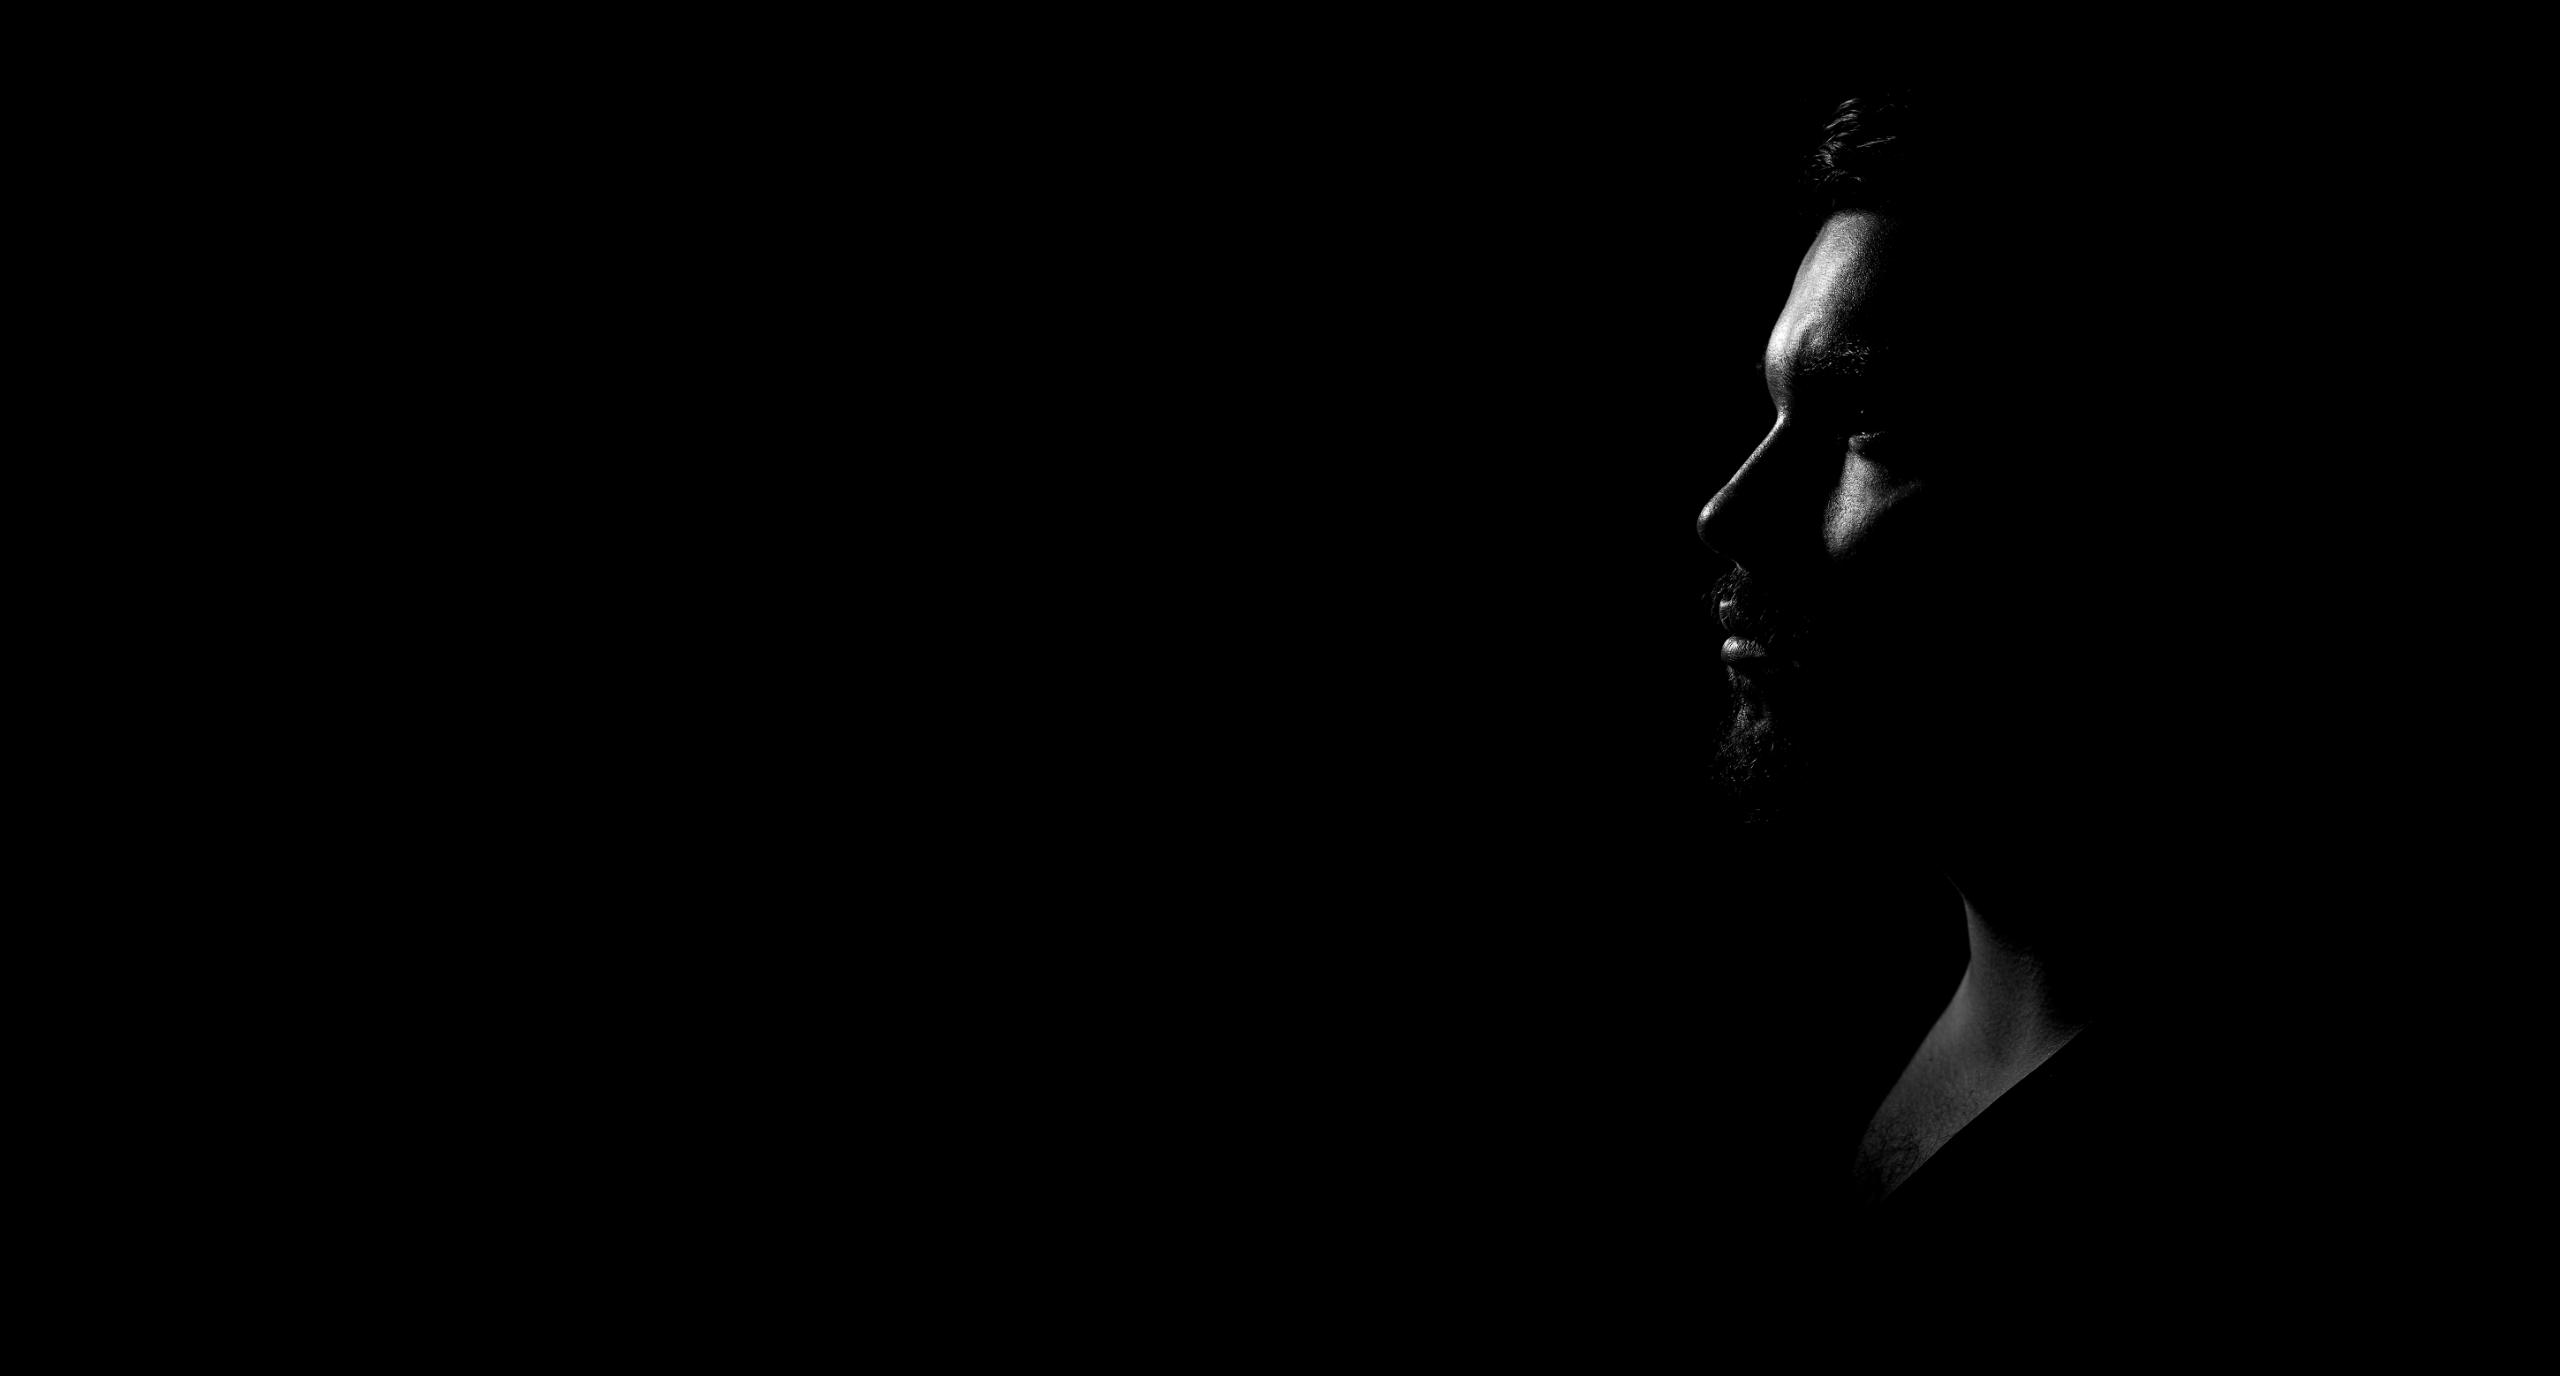 Perfil de homem em preto e banco no fundo preto, virado para a esquerda da tela, com o logo do Dialogo no Escuro a sua frente.